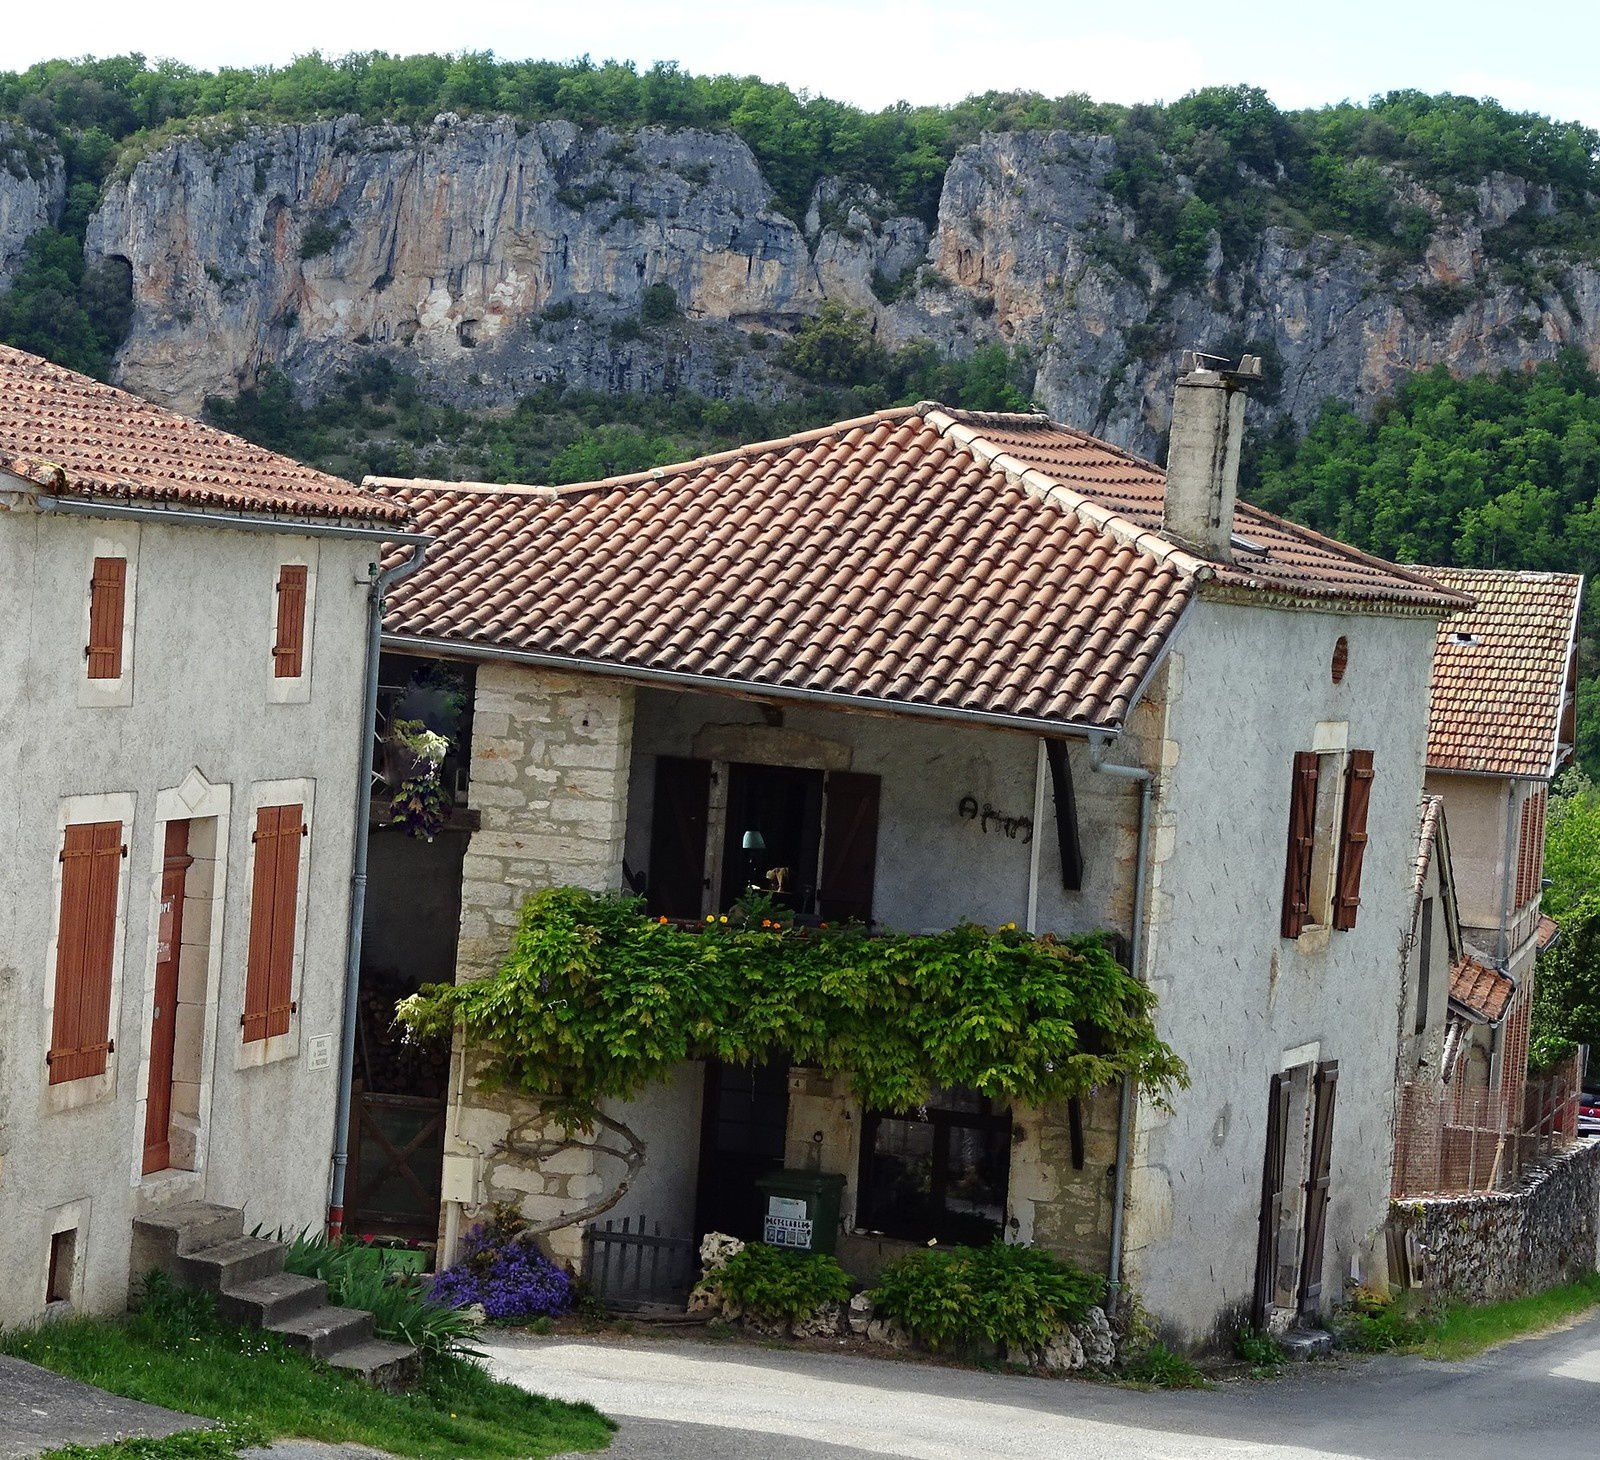 C'est un lieu dit sur la commune d'Arcambal. Nous logeons au gîte chez Anne-Marie et Jacques, j'en reparlerai.